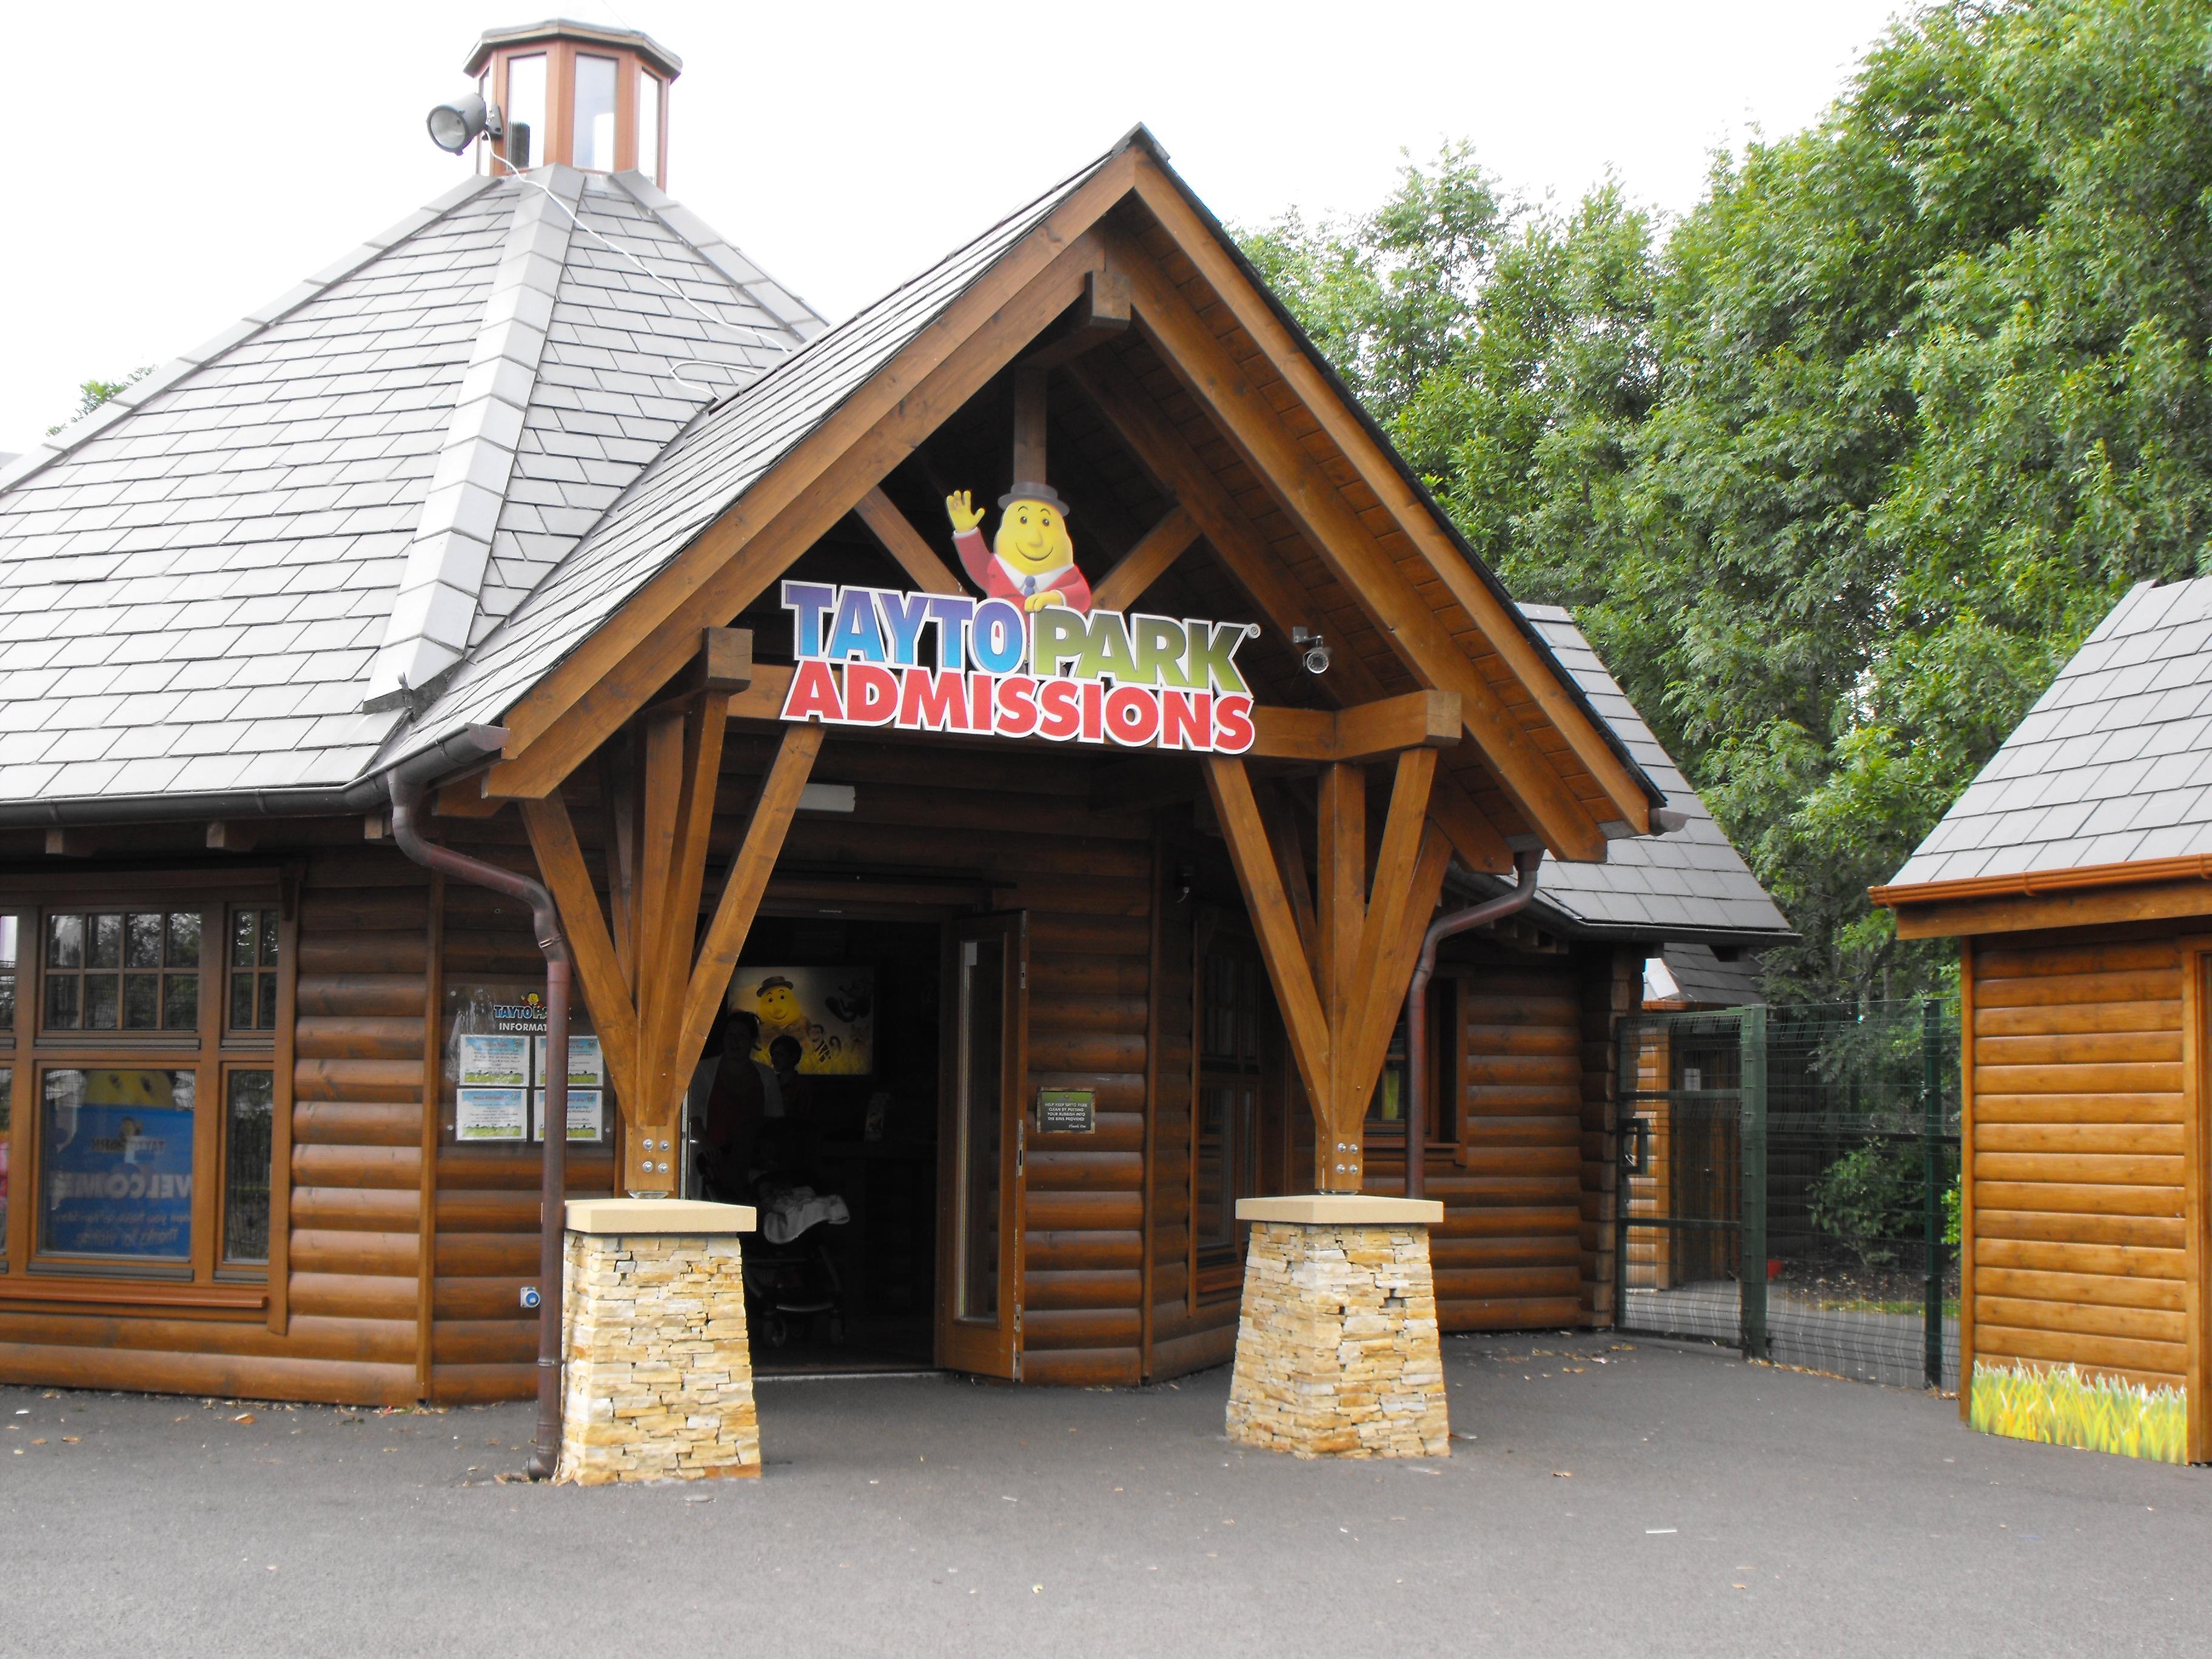 Cheap Hotels Near Tayto Park